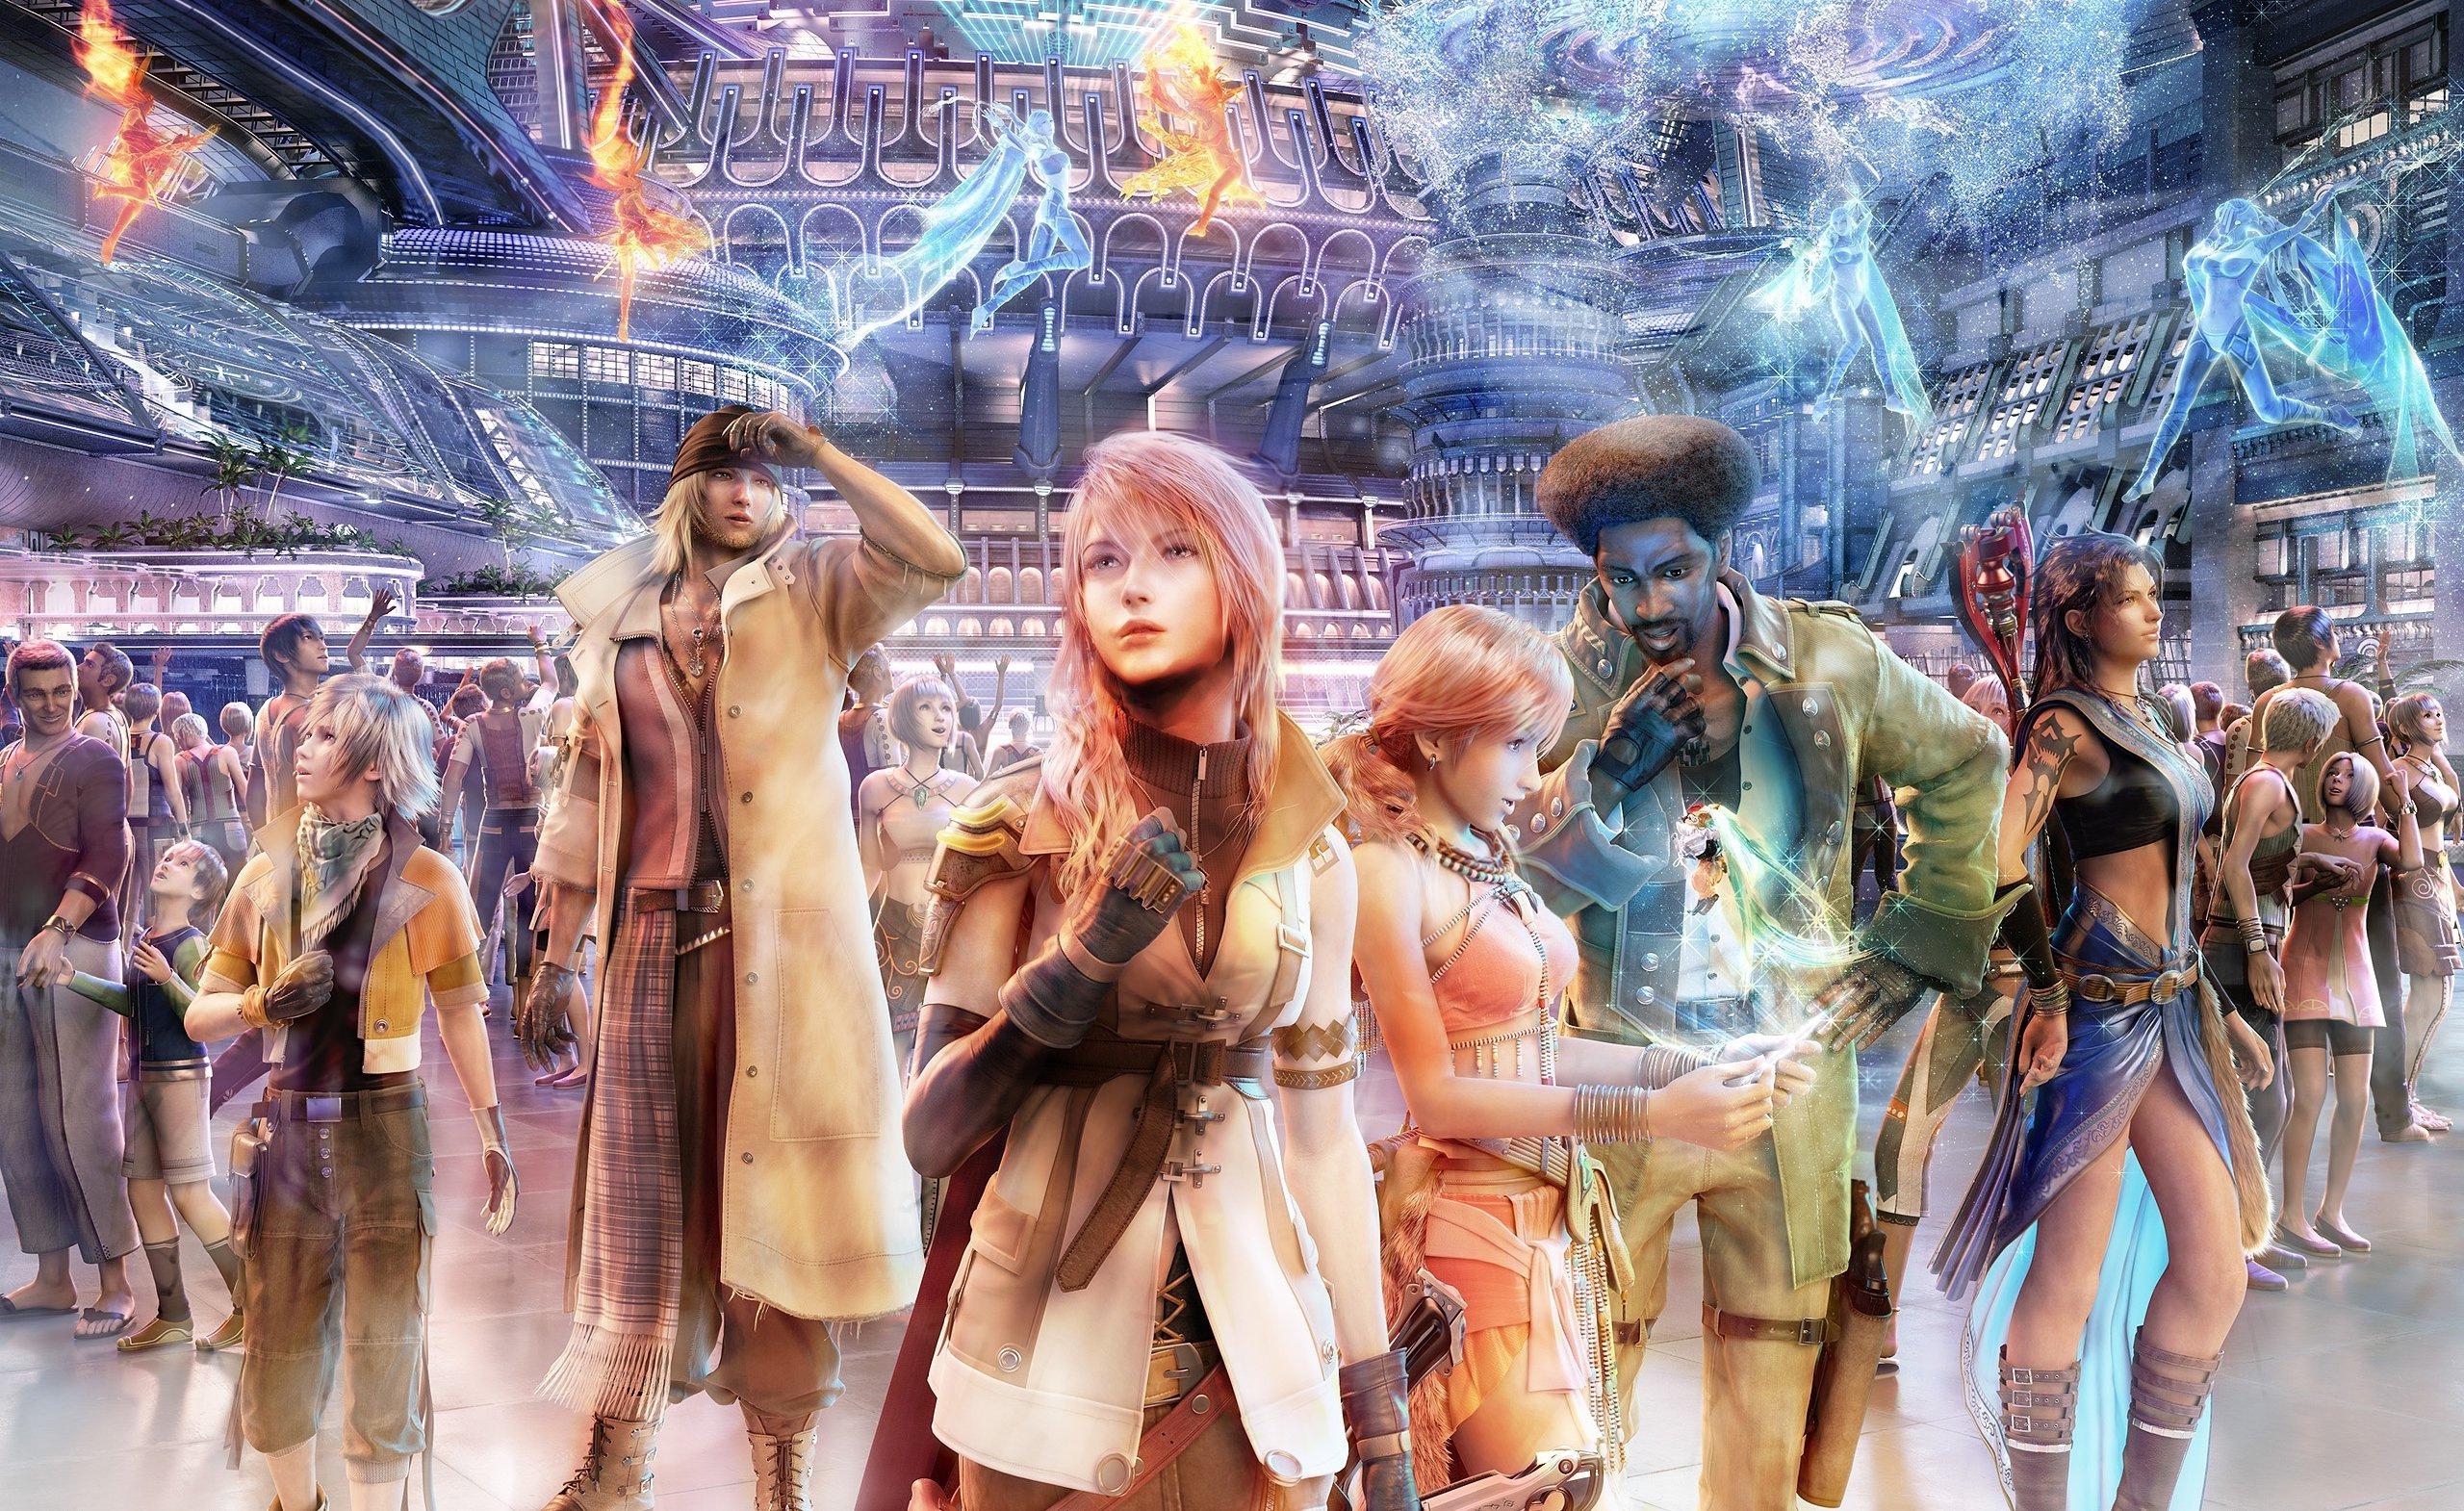 Final Fantasy Картинки Скачать Бесплатно